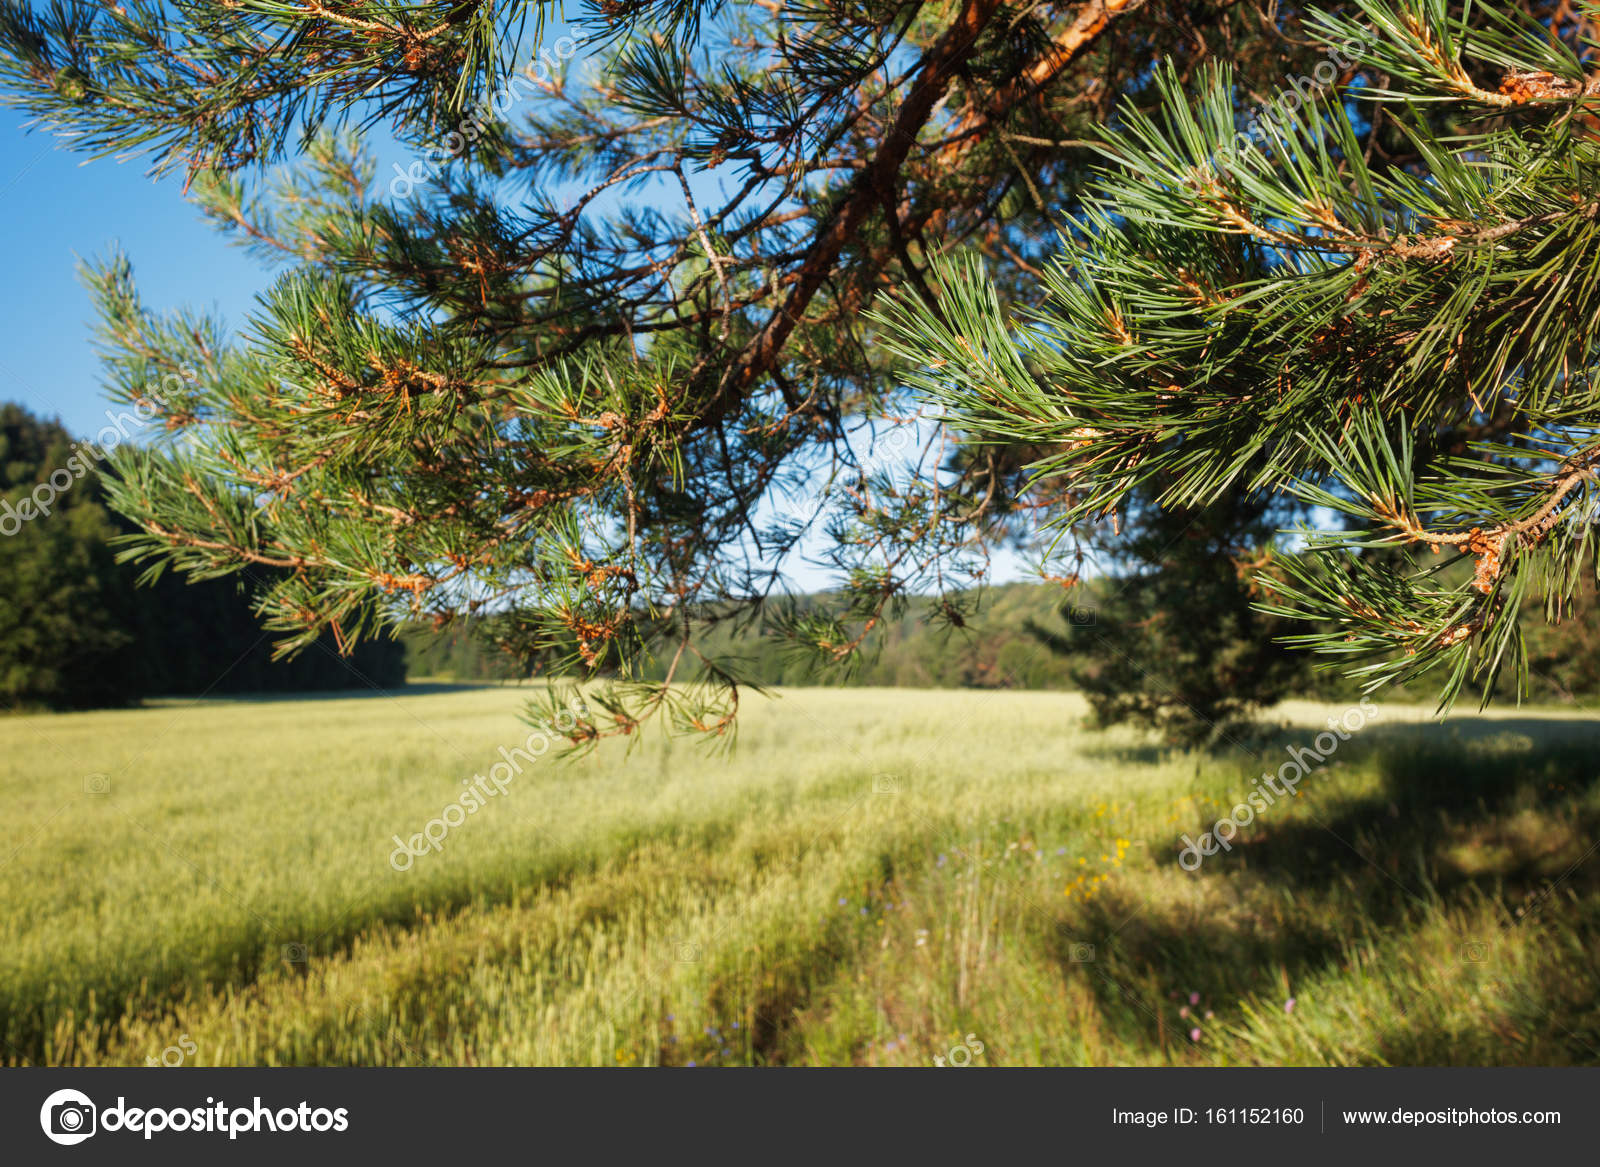 Paysage Concept paysage concept fond, champ, rayons de soleil à travers la cime des